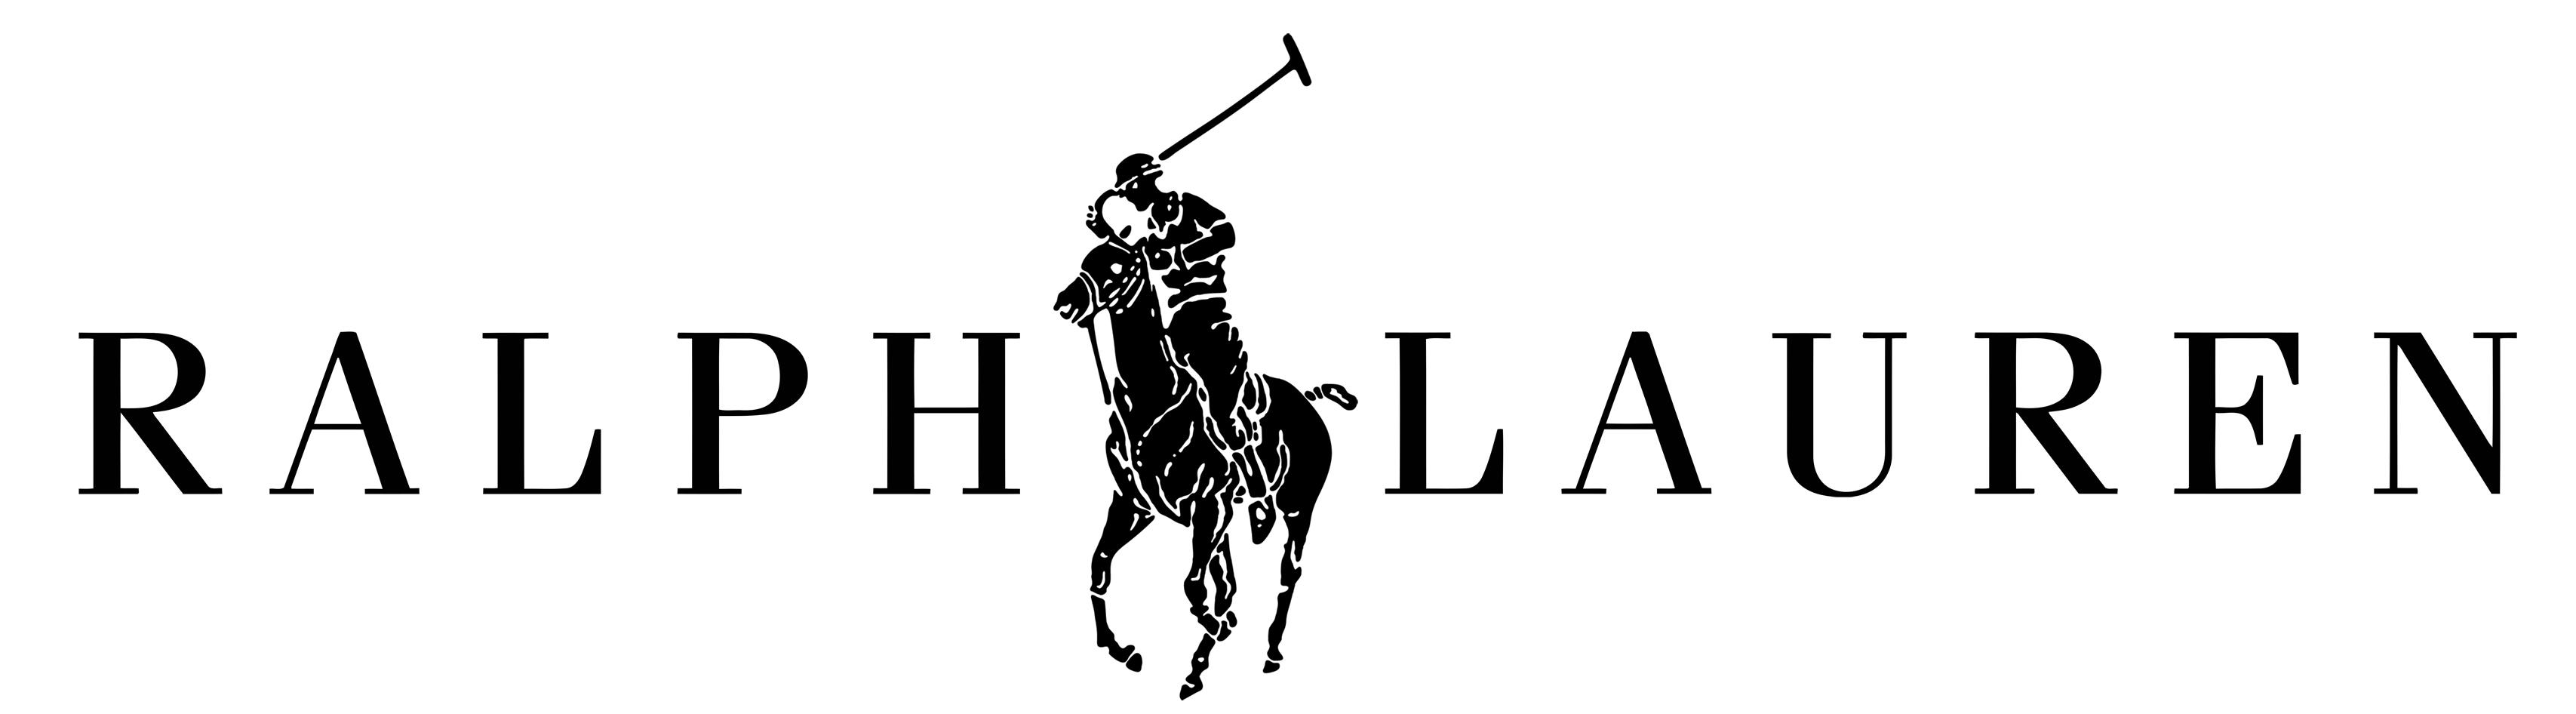 ralph lauren logo ralph lauren symbol meaning history